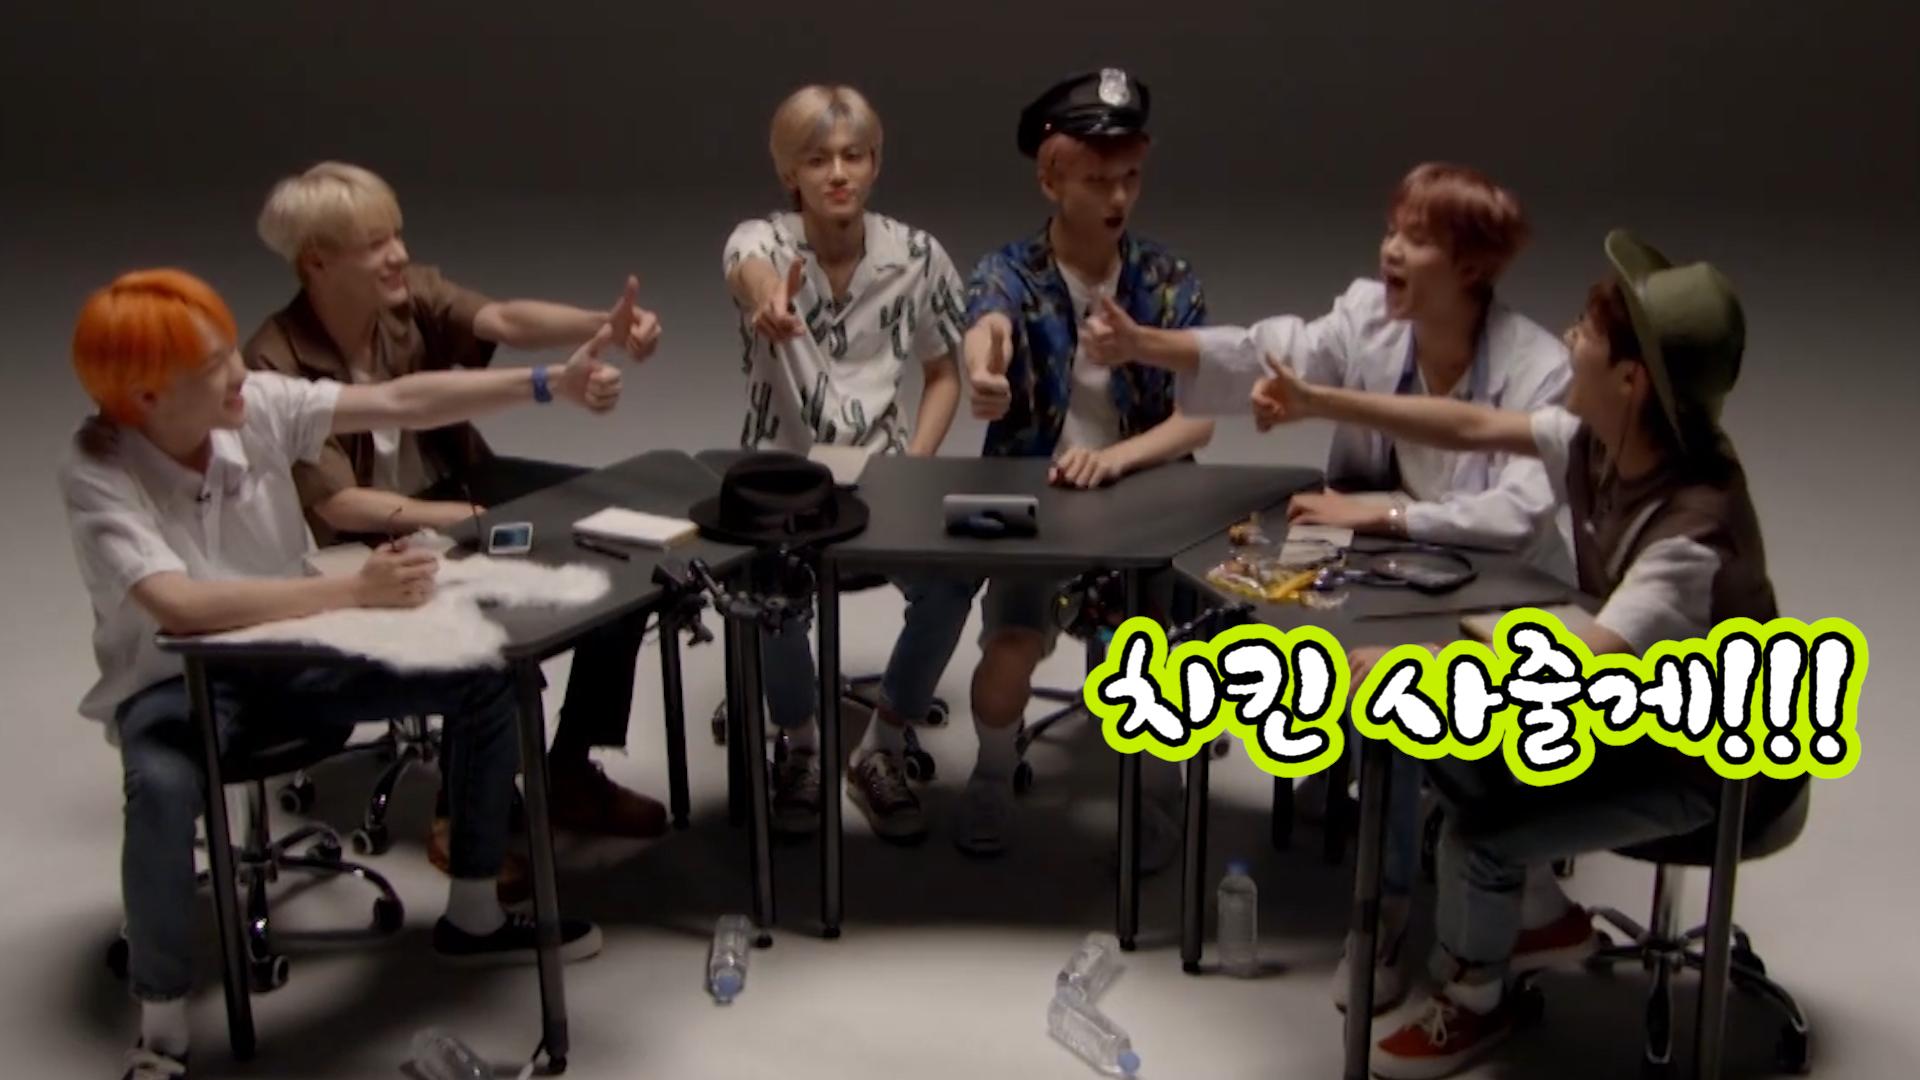 [NCT] 혼돈의 카오스로 흘러가는 드리미들의 밤에 오신걸 환영합니다💀🤫 (NCT DREAM playing the Mafia game)